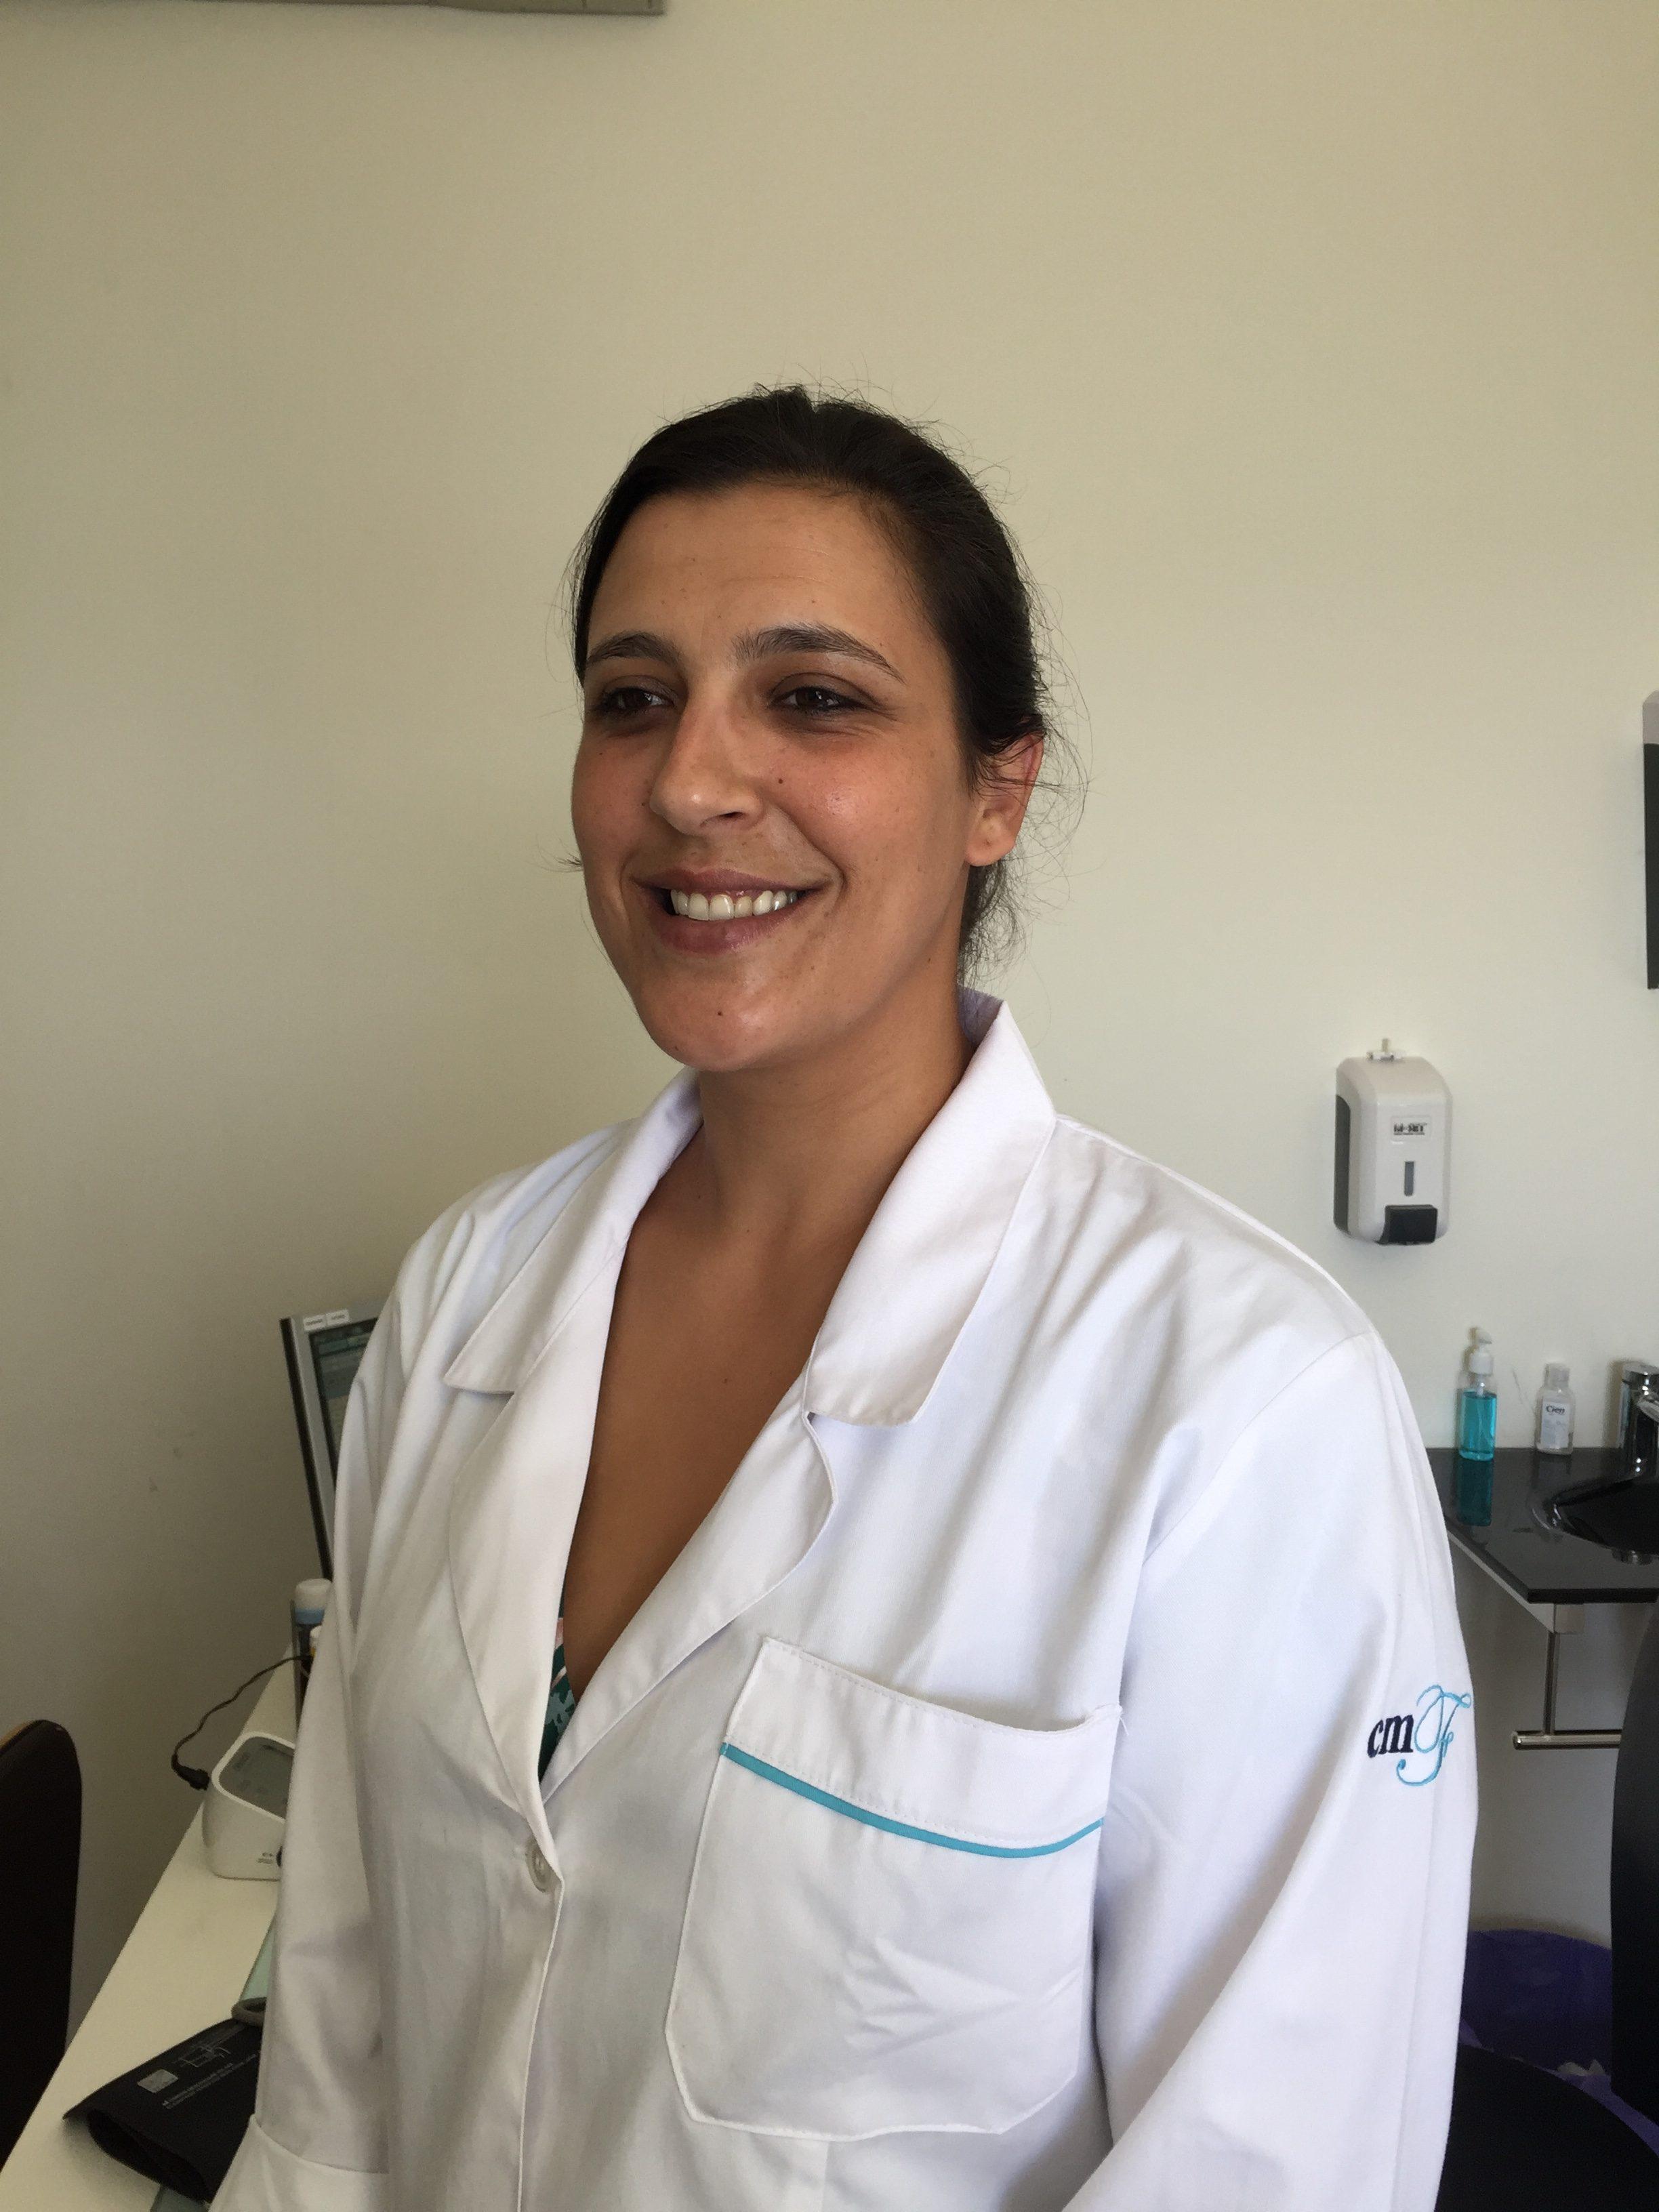 Enfª Claúdia Oliveira - Clinica Médica da Foz